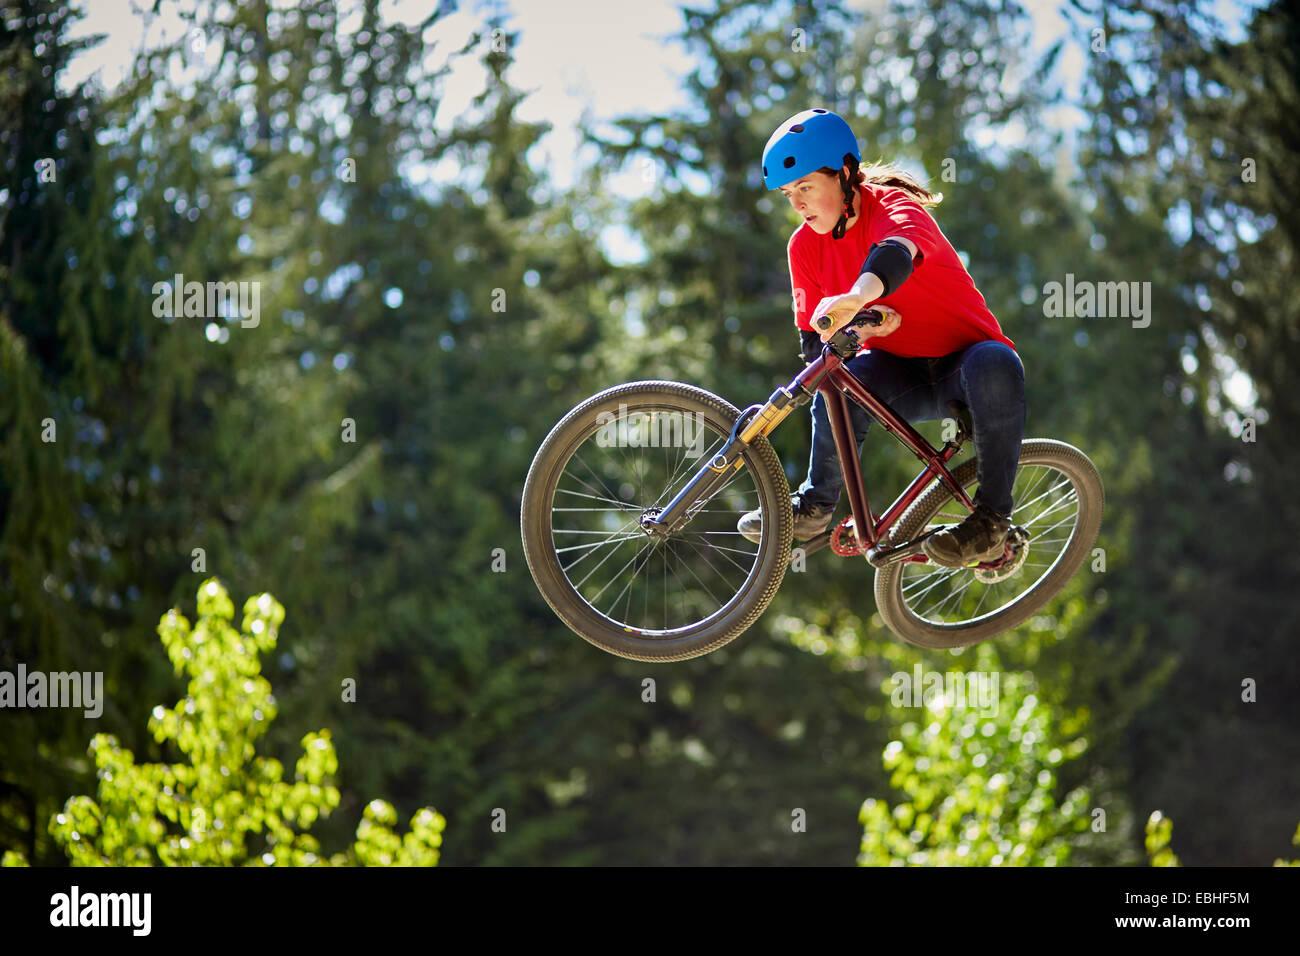 Junge weibliche bmx-Biker springen Luft im Wald Stockbild